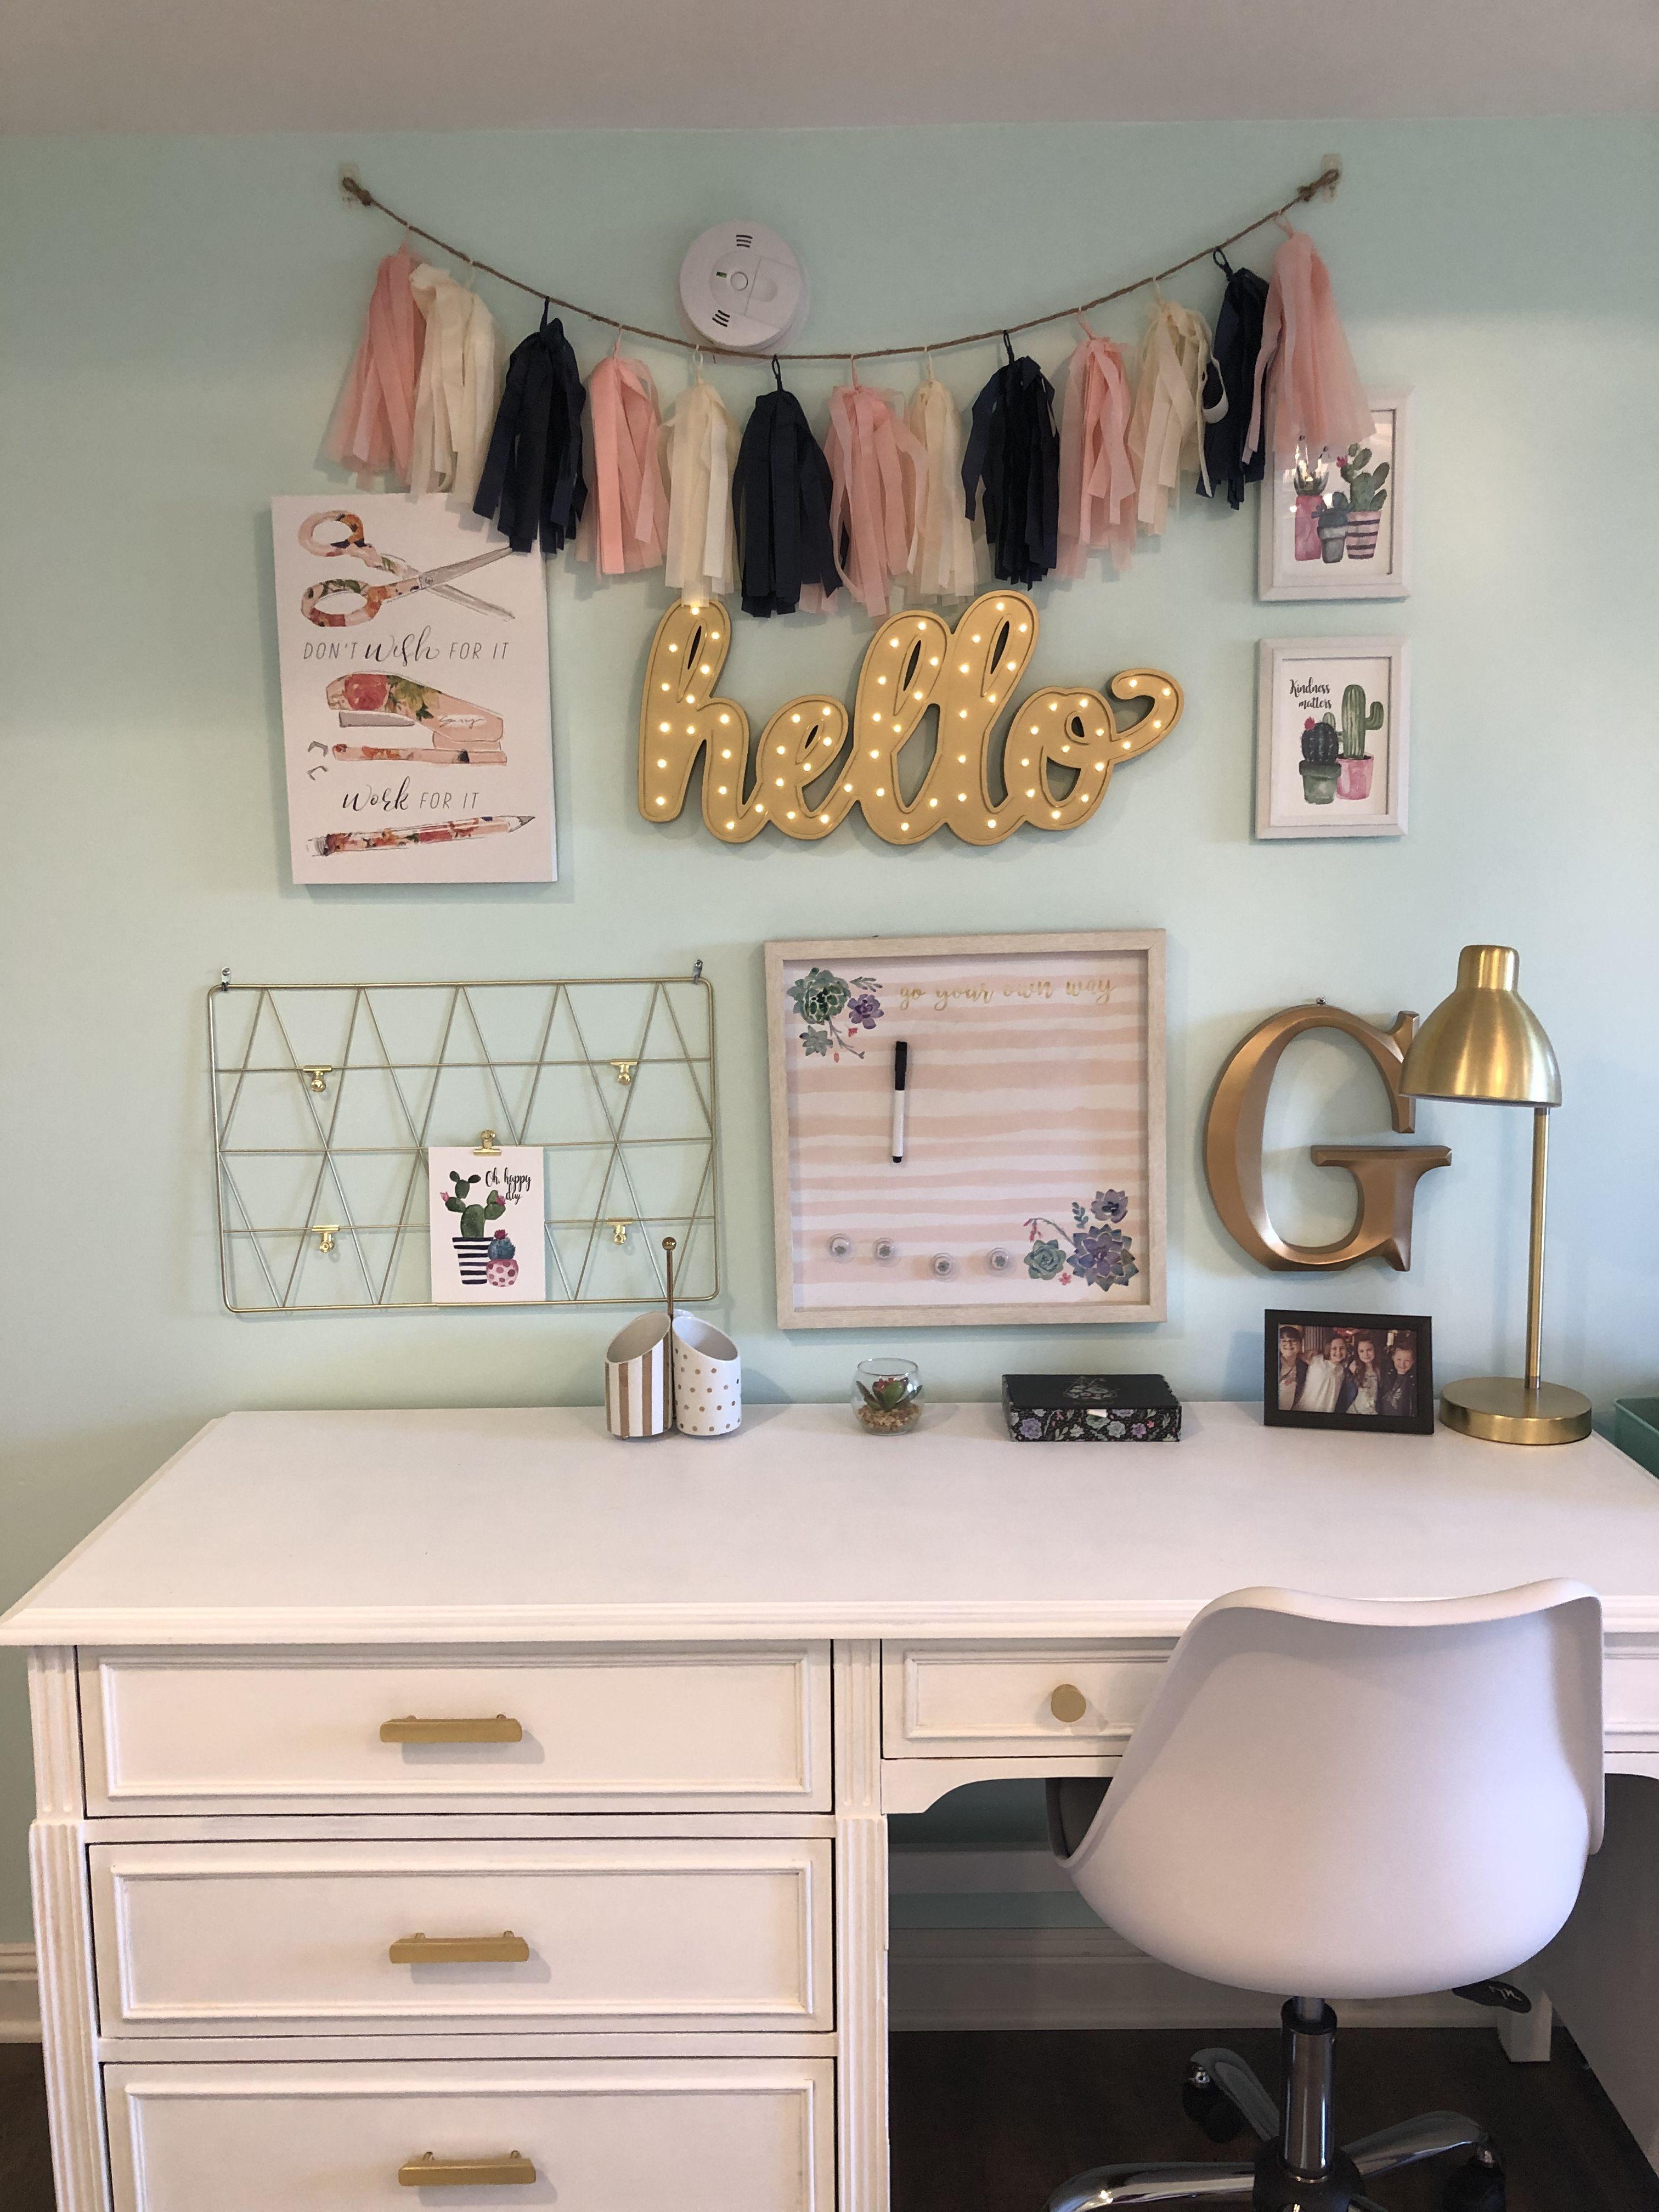 teenage desks for bedrooms on tween desk homework desk for girls room tween girl bedroom tween room desk for girls room tween girl bedroom